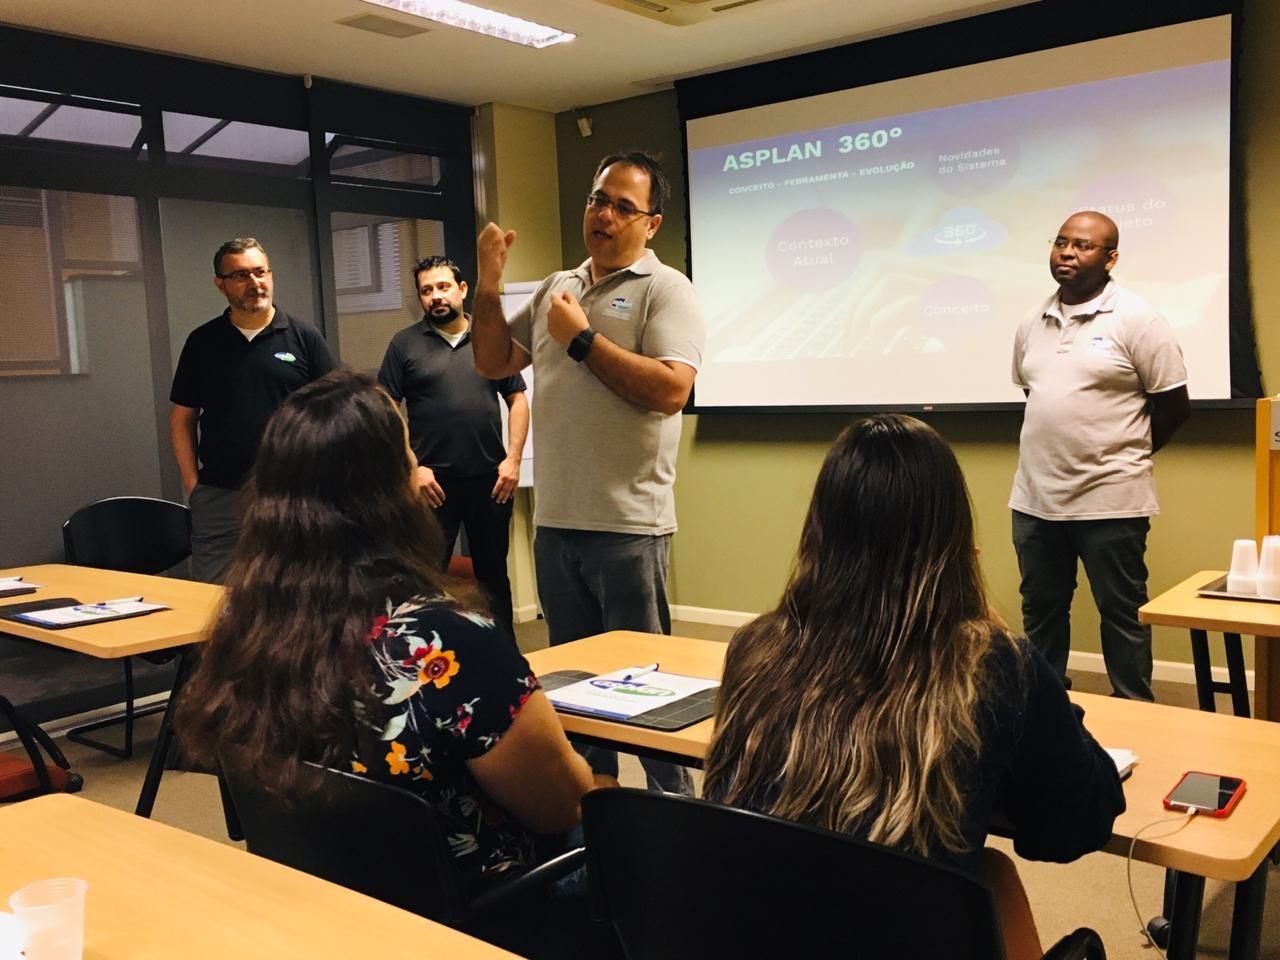 ASPLAN Lança ERP 360: Uma Visão Completa De Gestão Na Sua Empresa